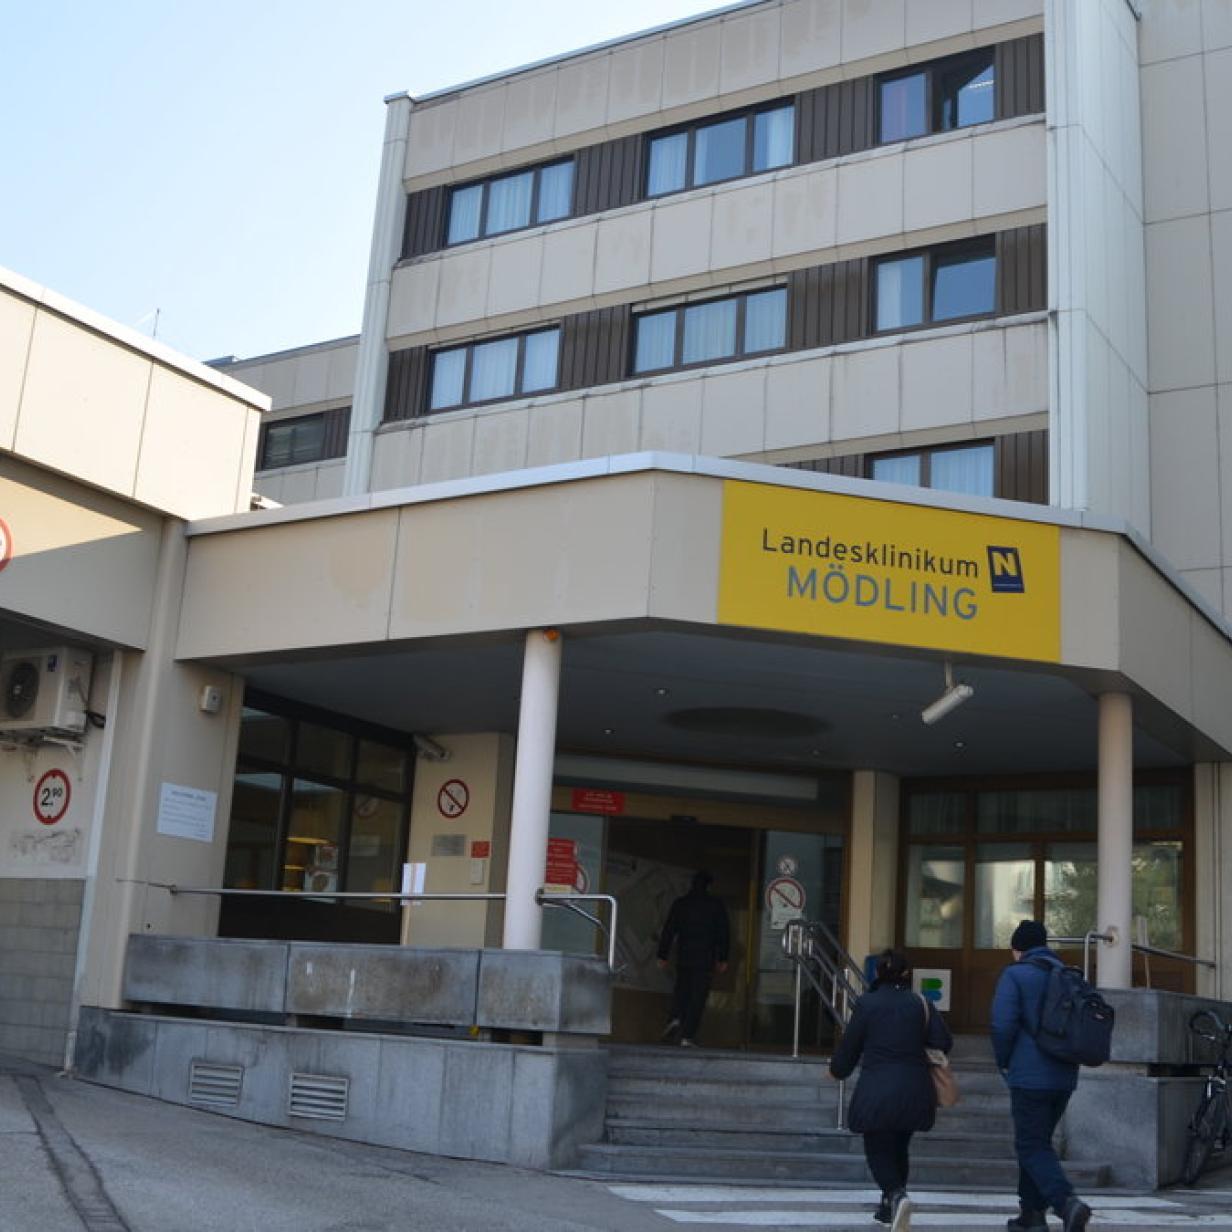 Mdling: Offener Brief als Konfliktlsung in Gastro-Szene